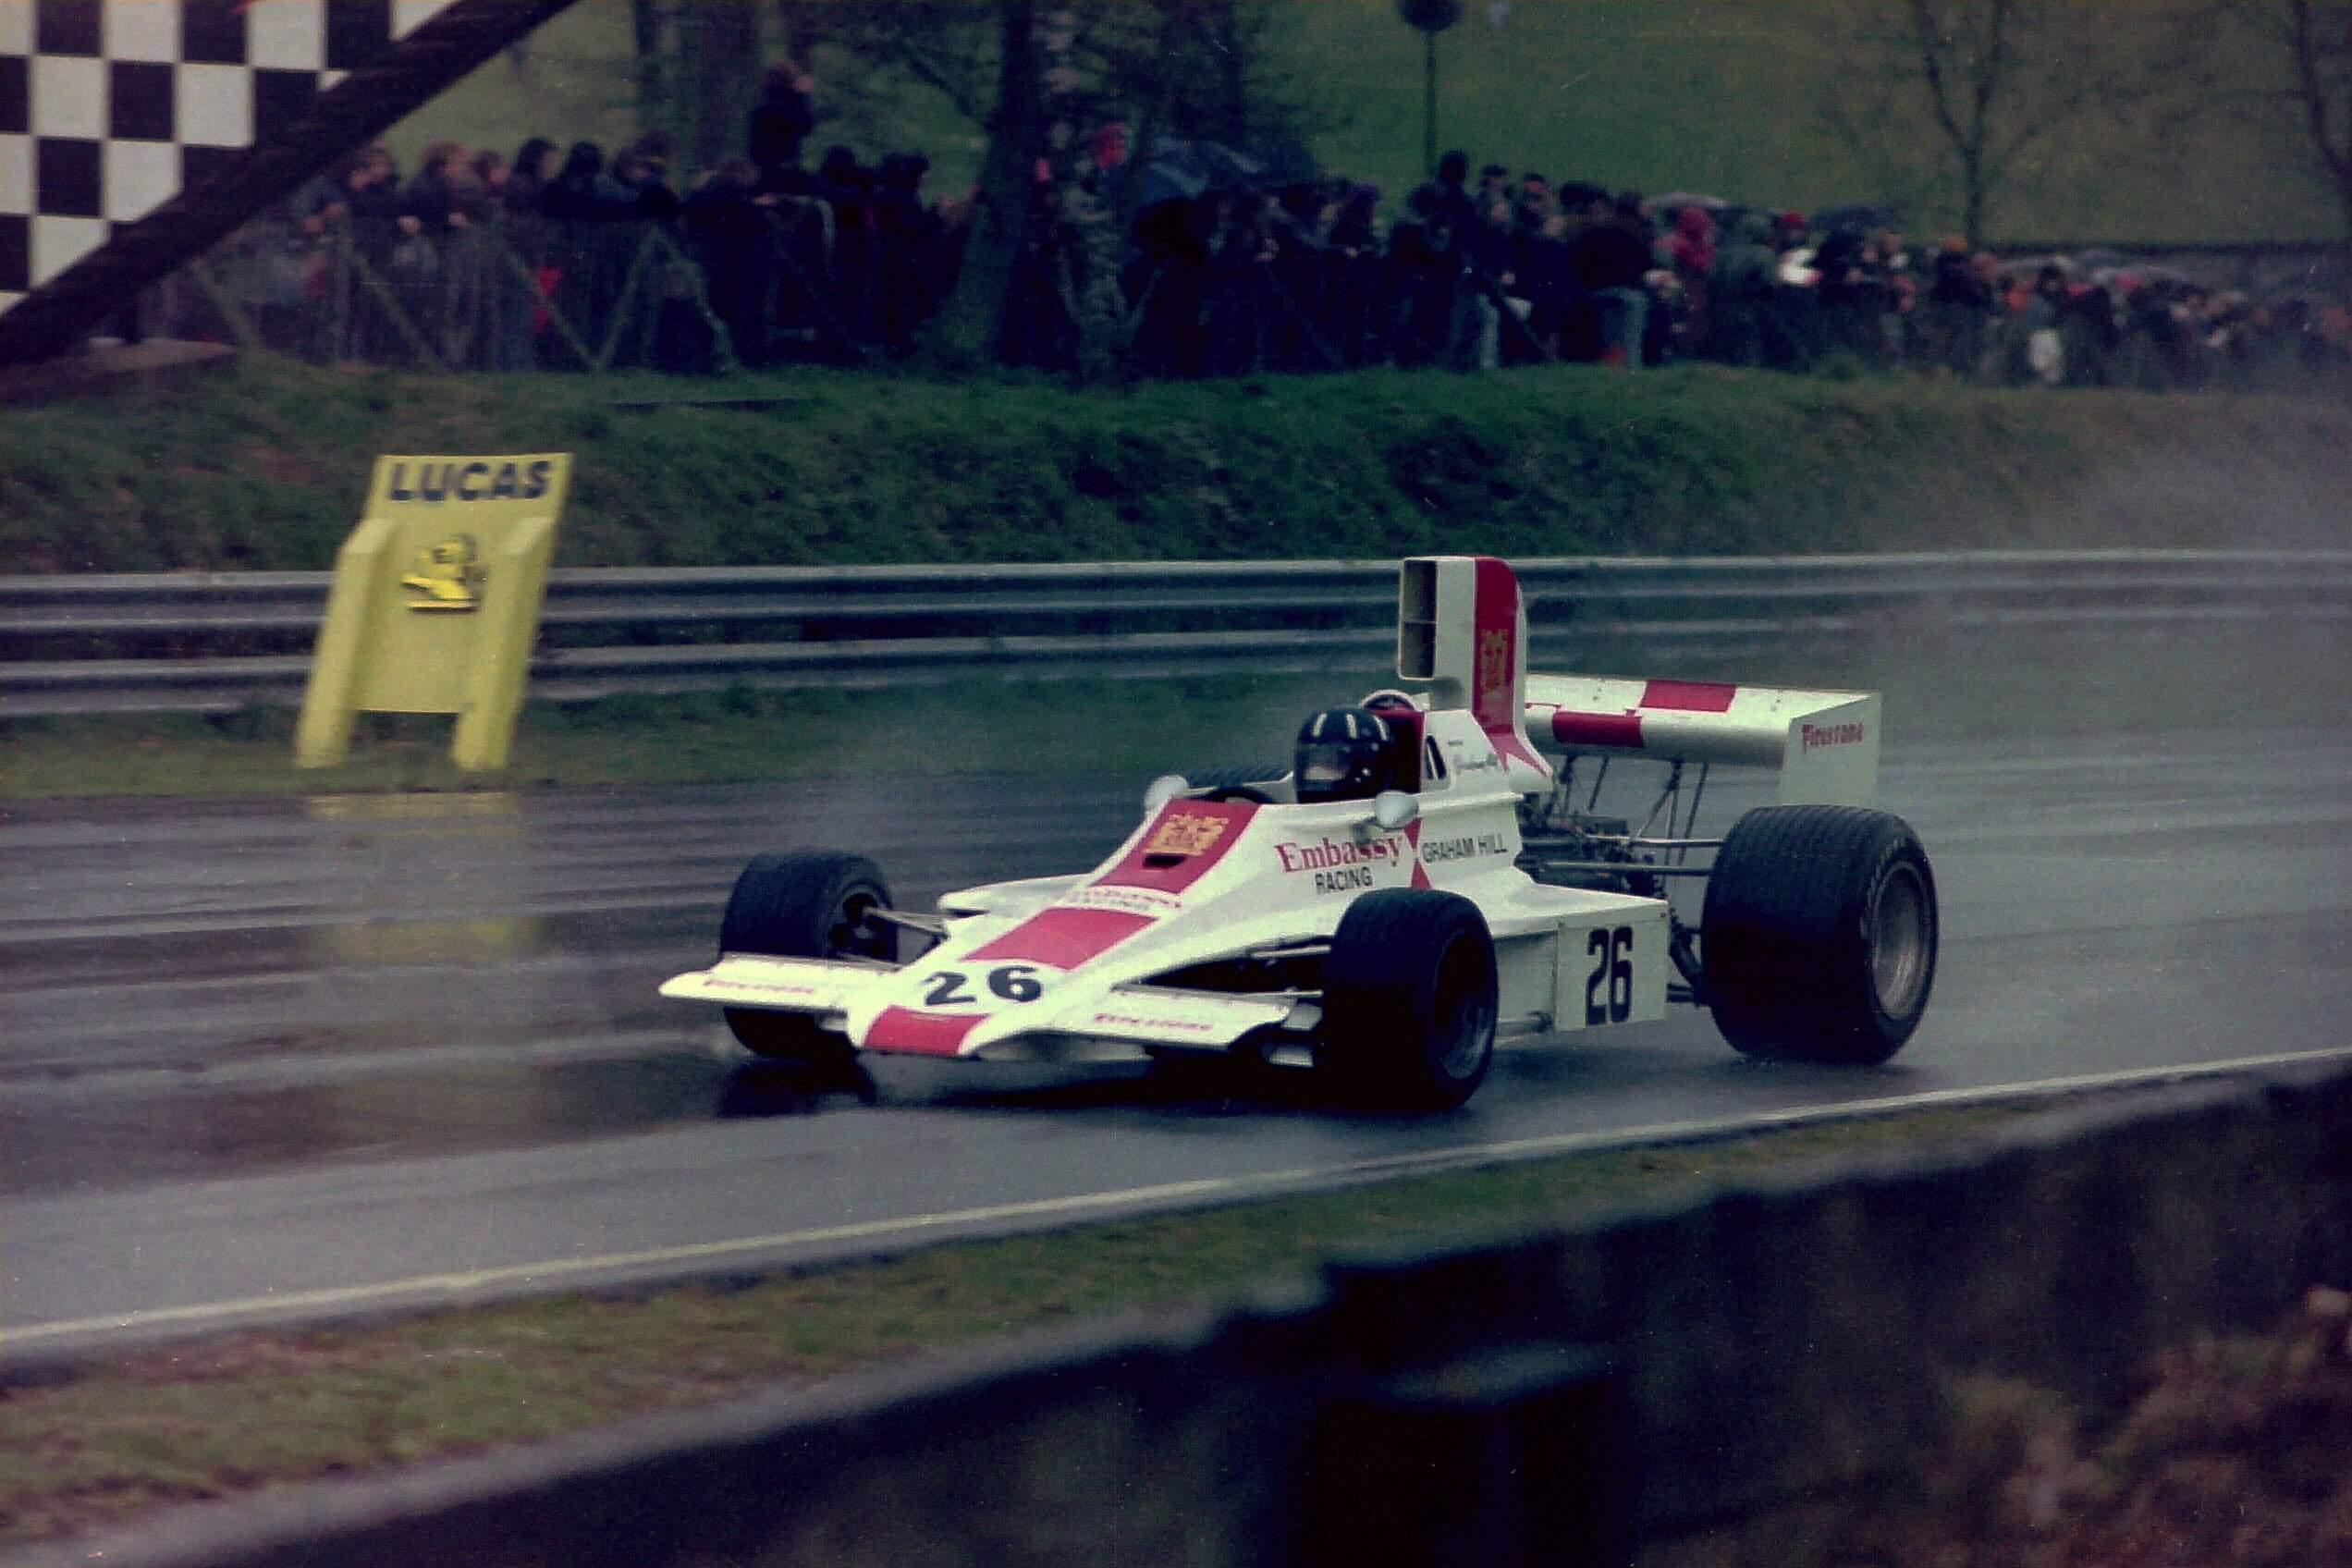 Graham Hill Embassy Hill Lola T130